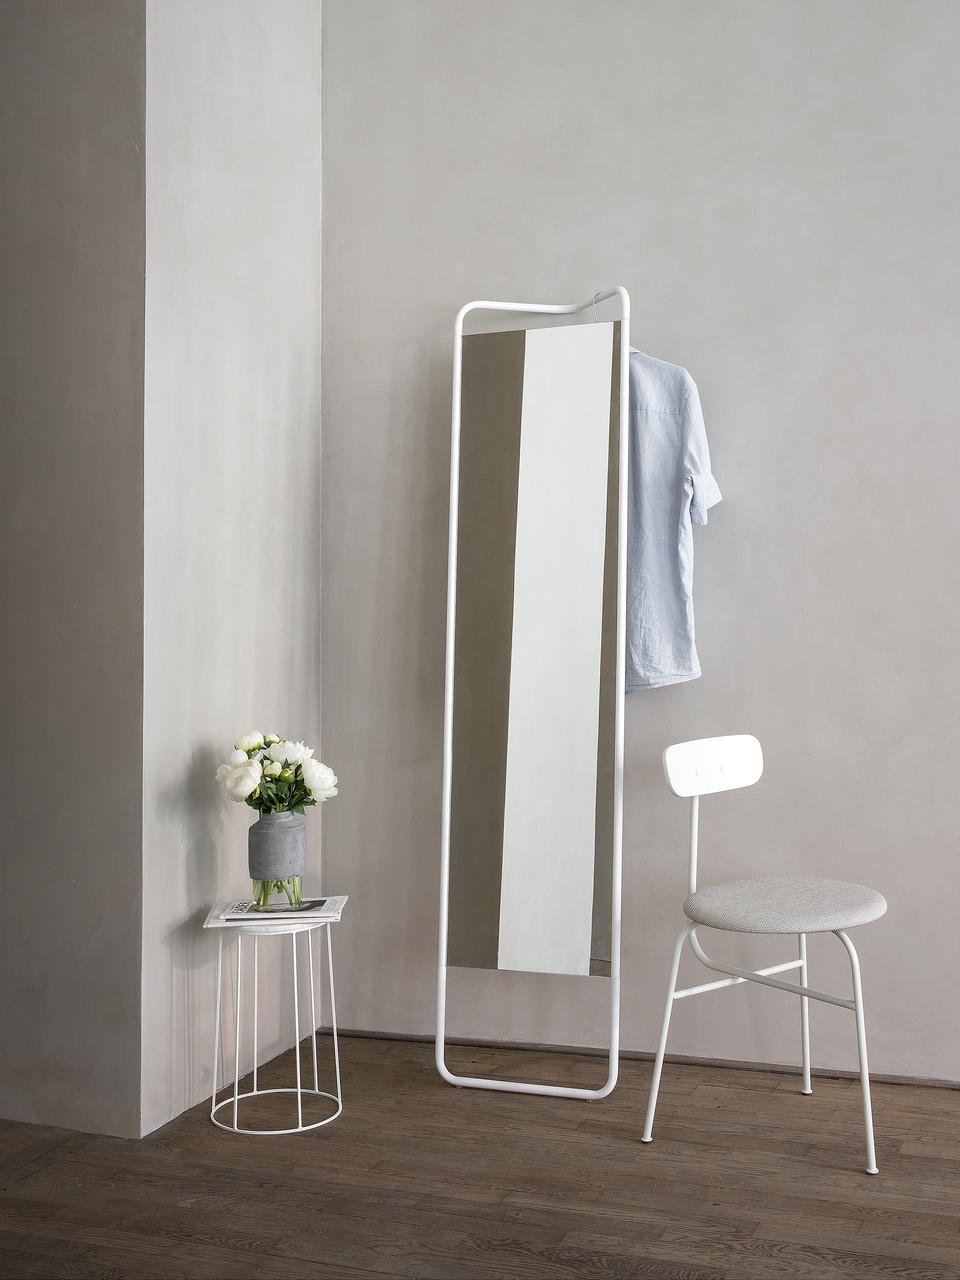 Eckiger Anlehnspiegel Kasch mit weißem Rahmen, Rahmen: Aluminium, pulverbeschich, Spiegelfläche: Spiegelglas, Weiß, 42 x 175 cm